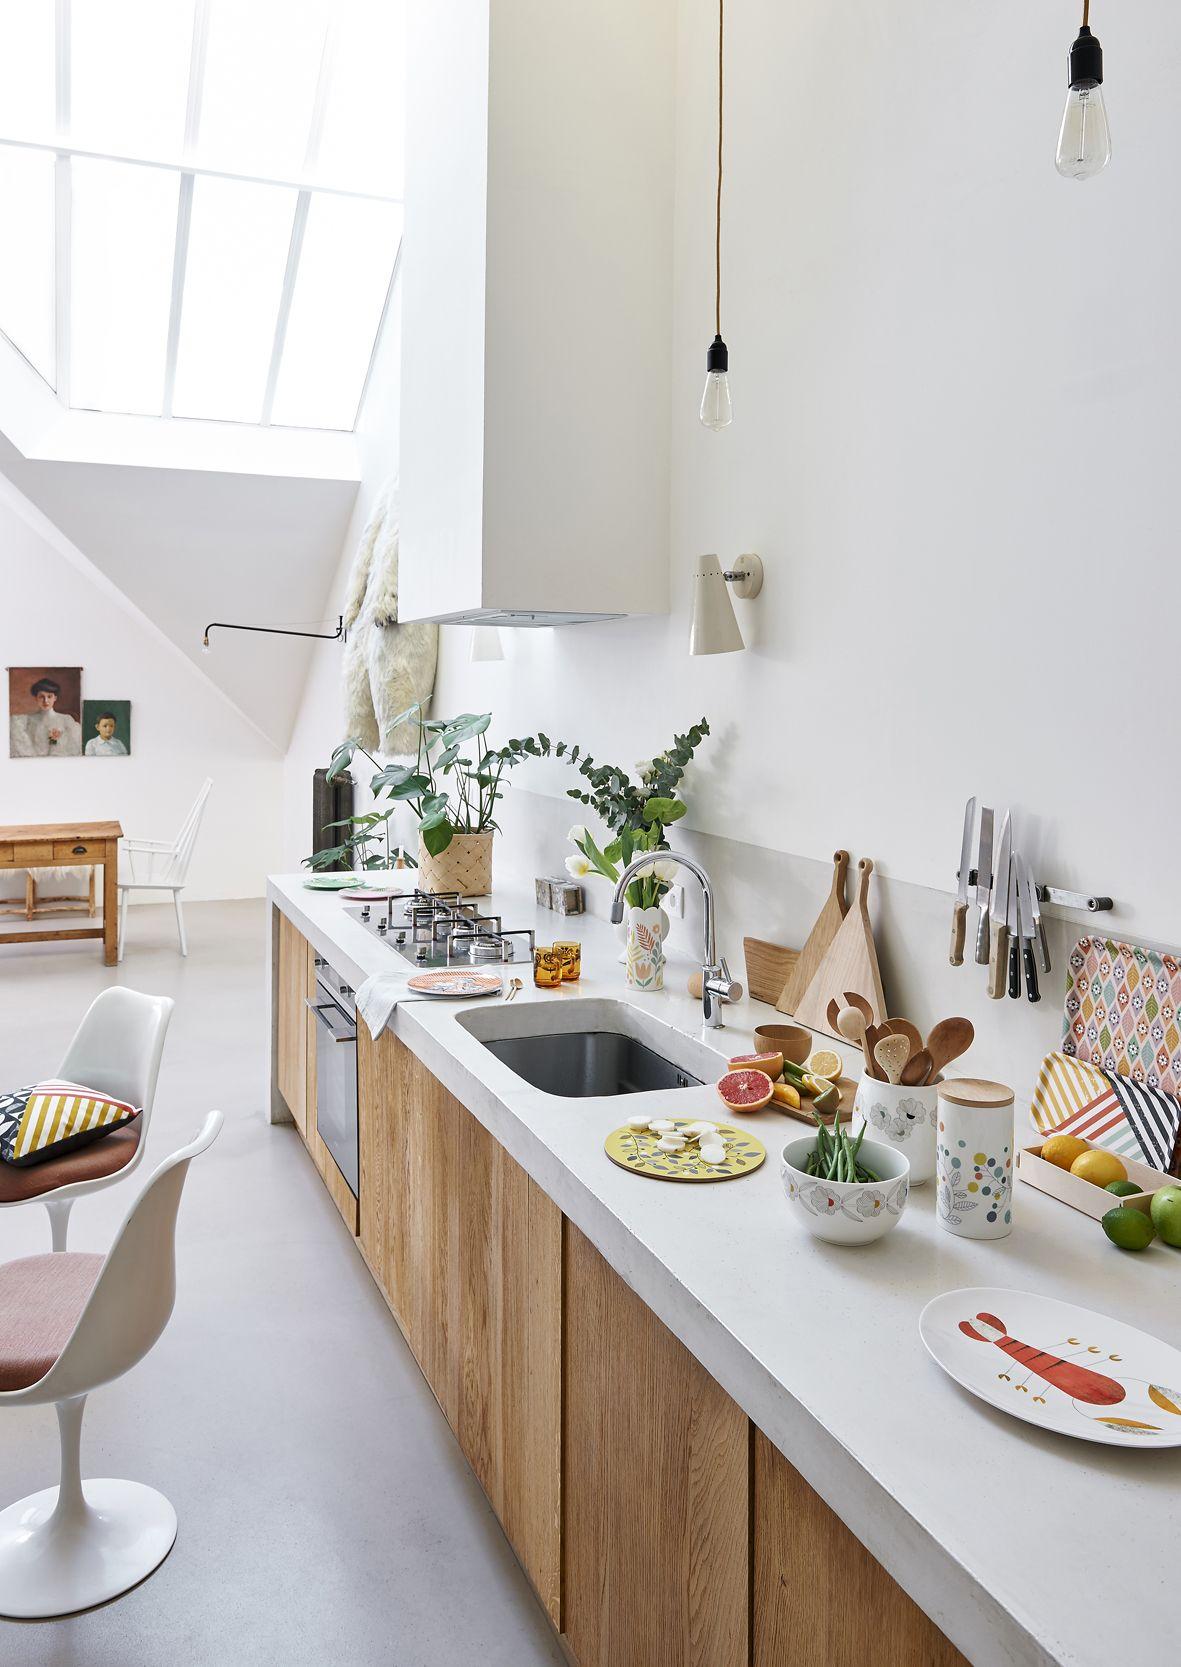 Epingle Par Marion Love Sur In The Kitchen Cuisine Moderne Interieur Moderne De Cuisine Interieur De Cuisine